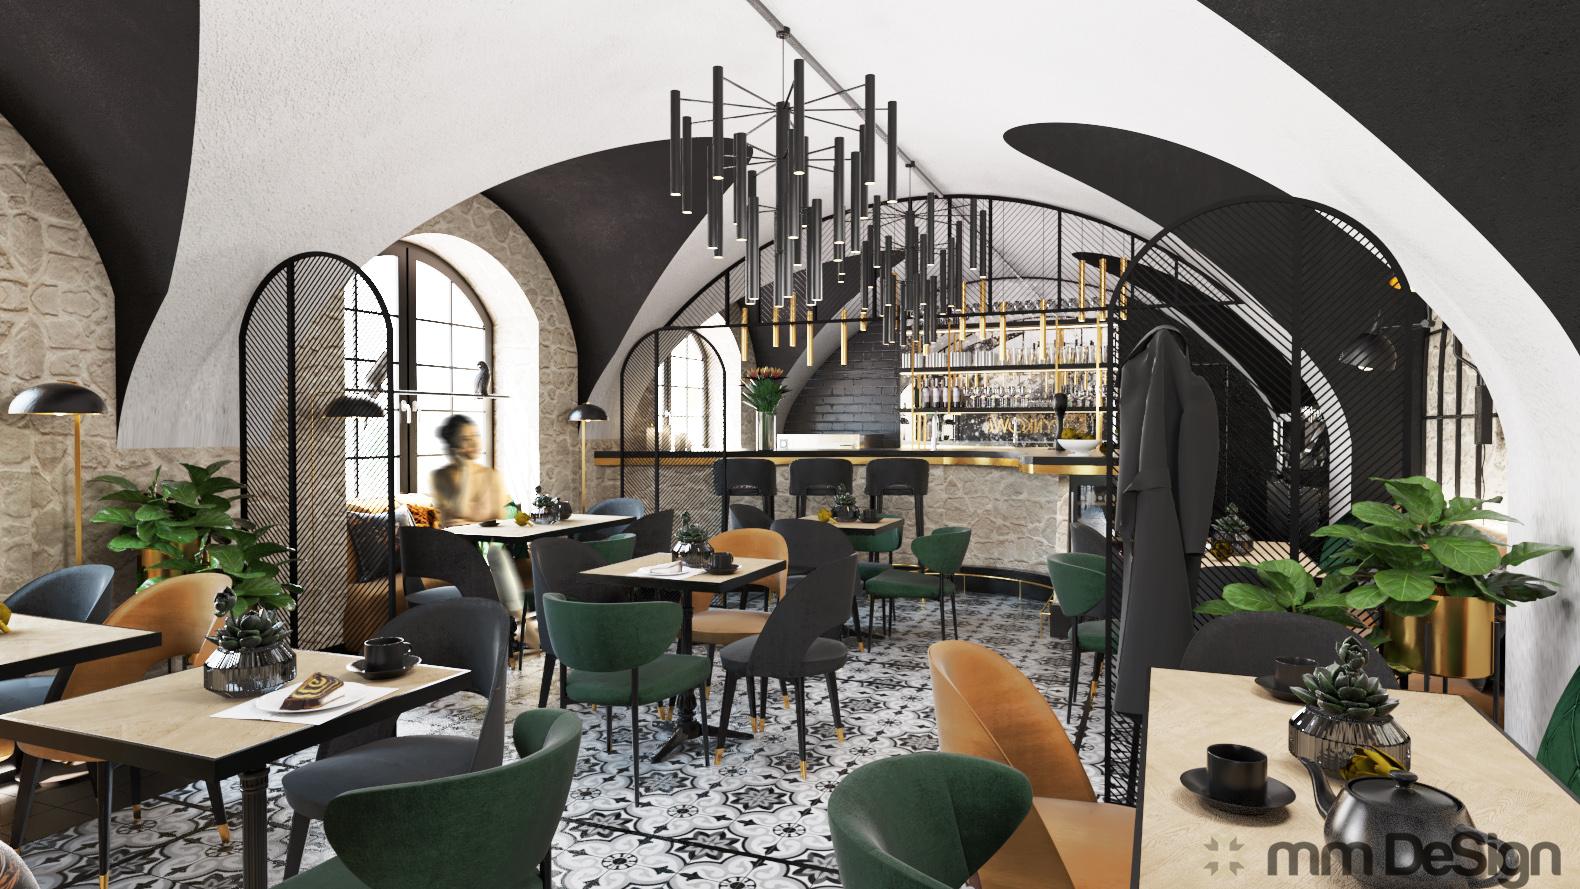 mm design projektowanie wnętrz restauracji 2